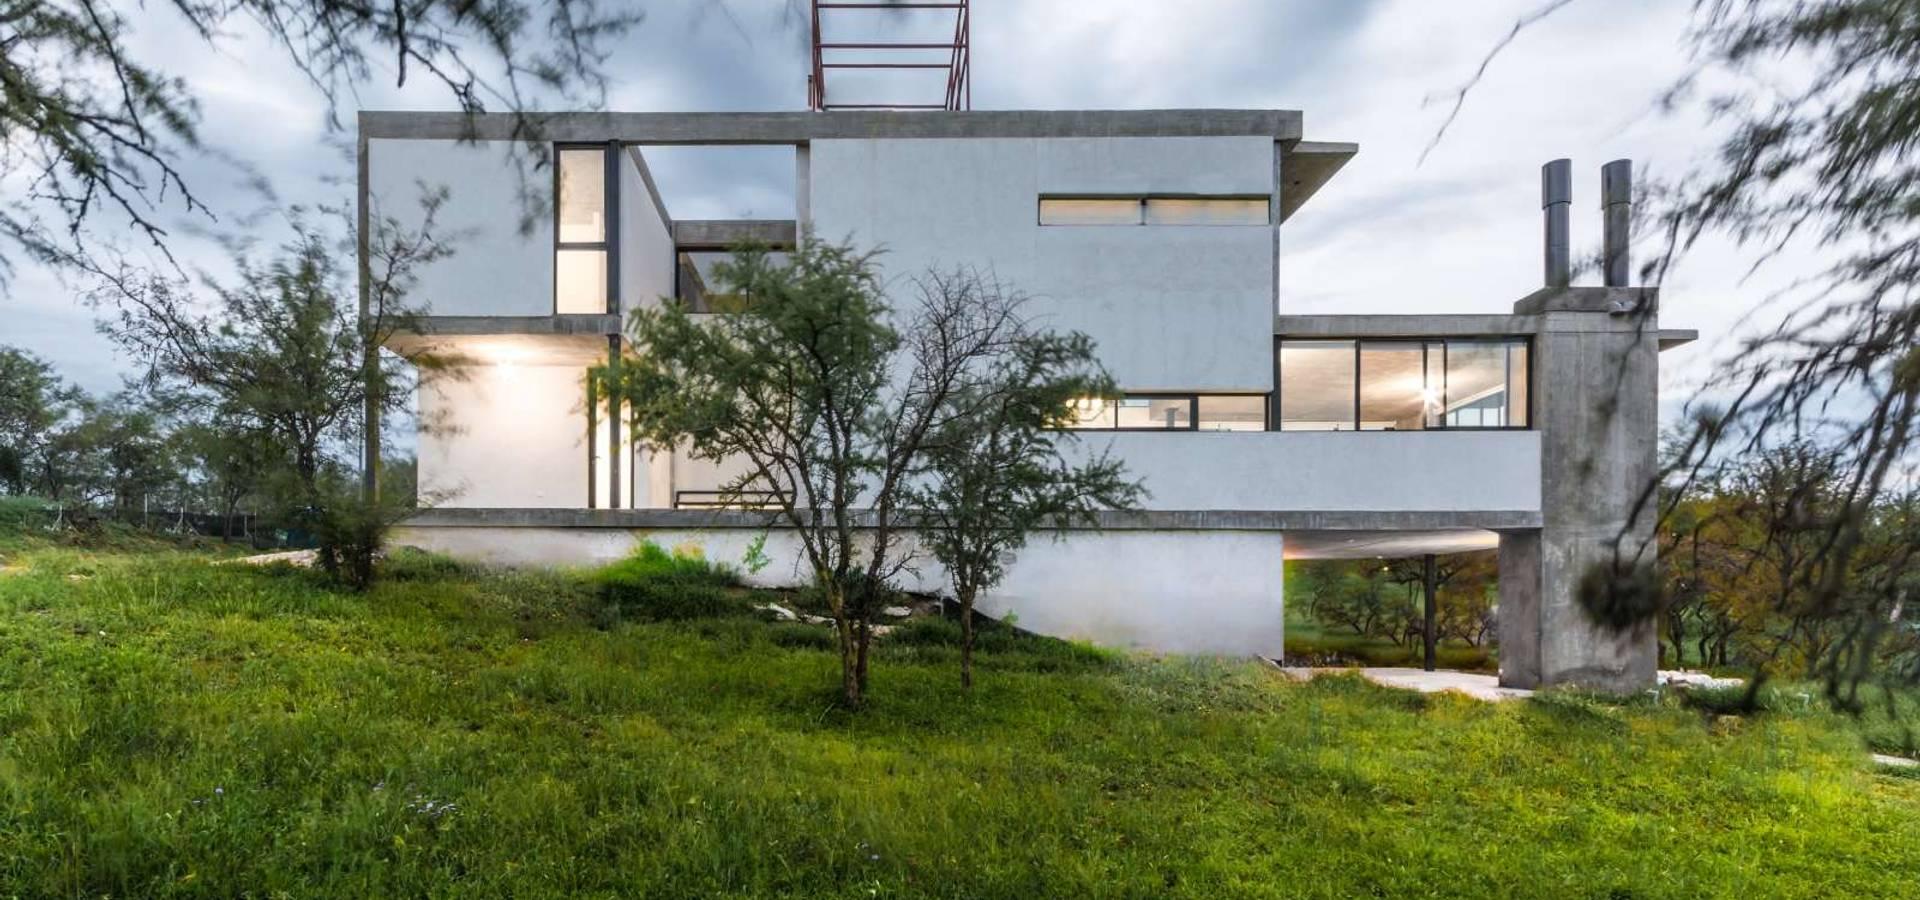 Arp arquitectos arquitectos en c rdoba homify for Arquitectos en cordoba